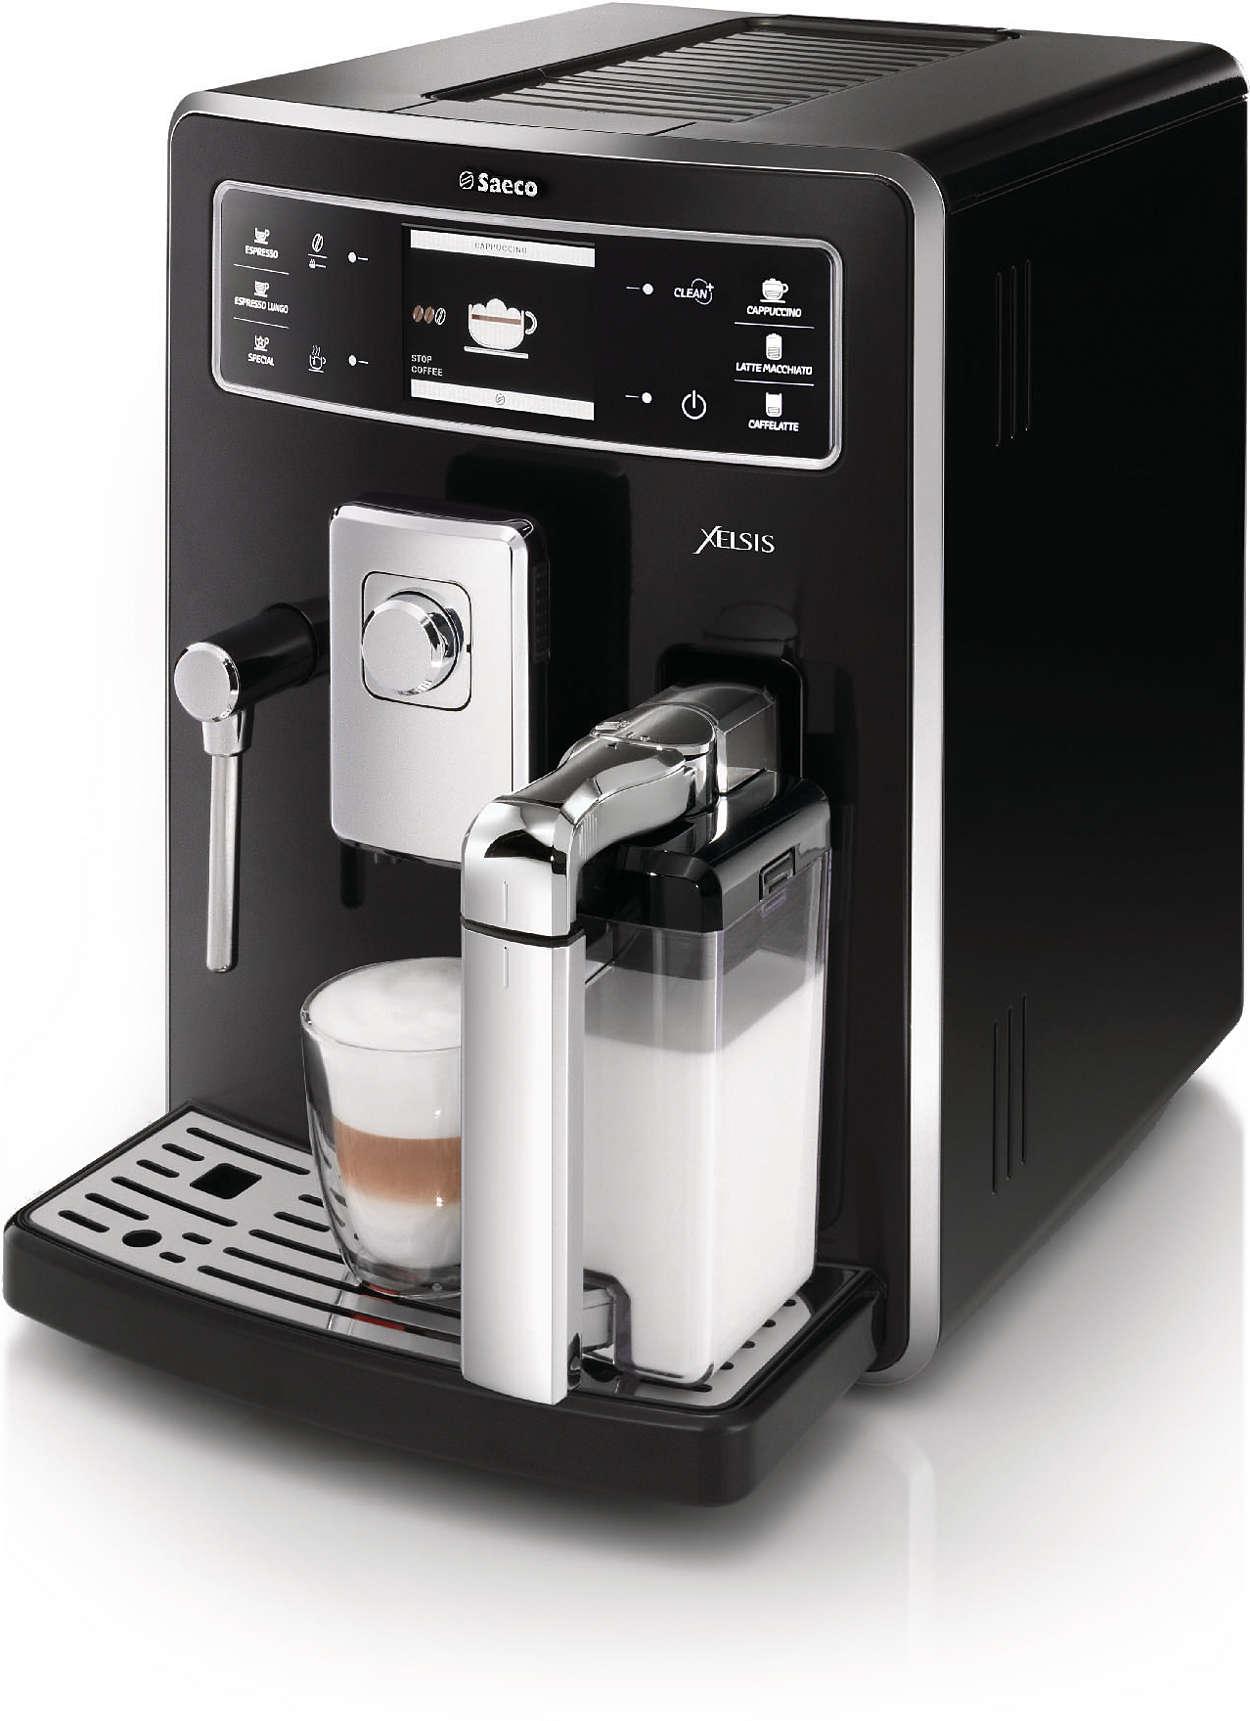 Genießen Sie Kaffee, wie er Ihnen am besten schmeckt